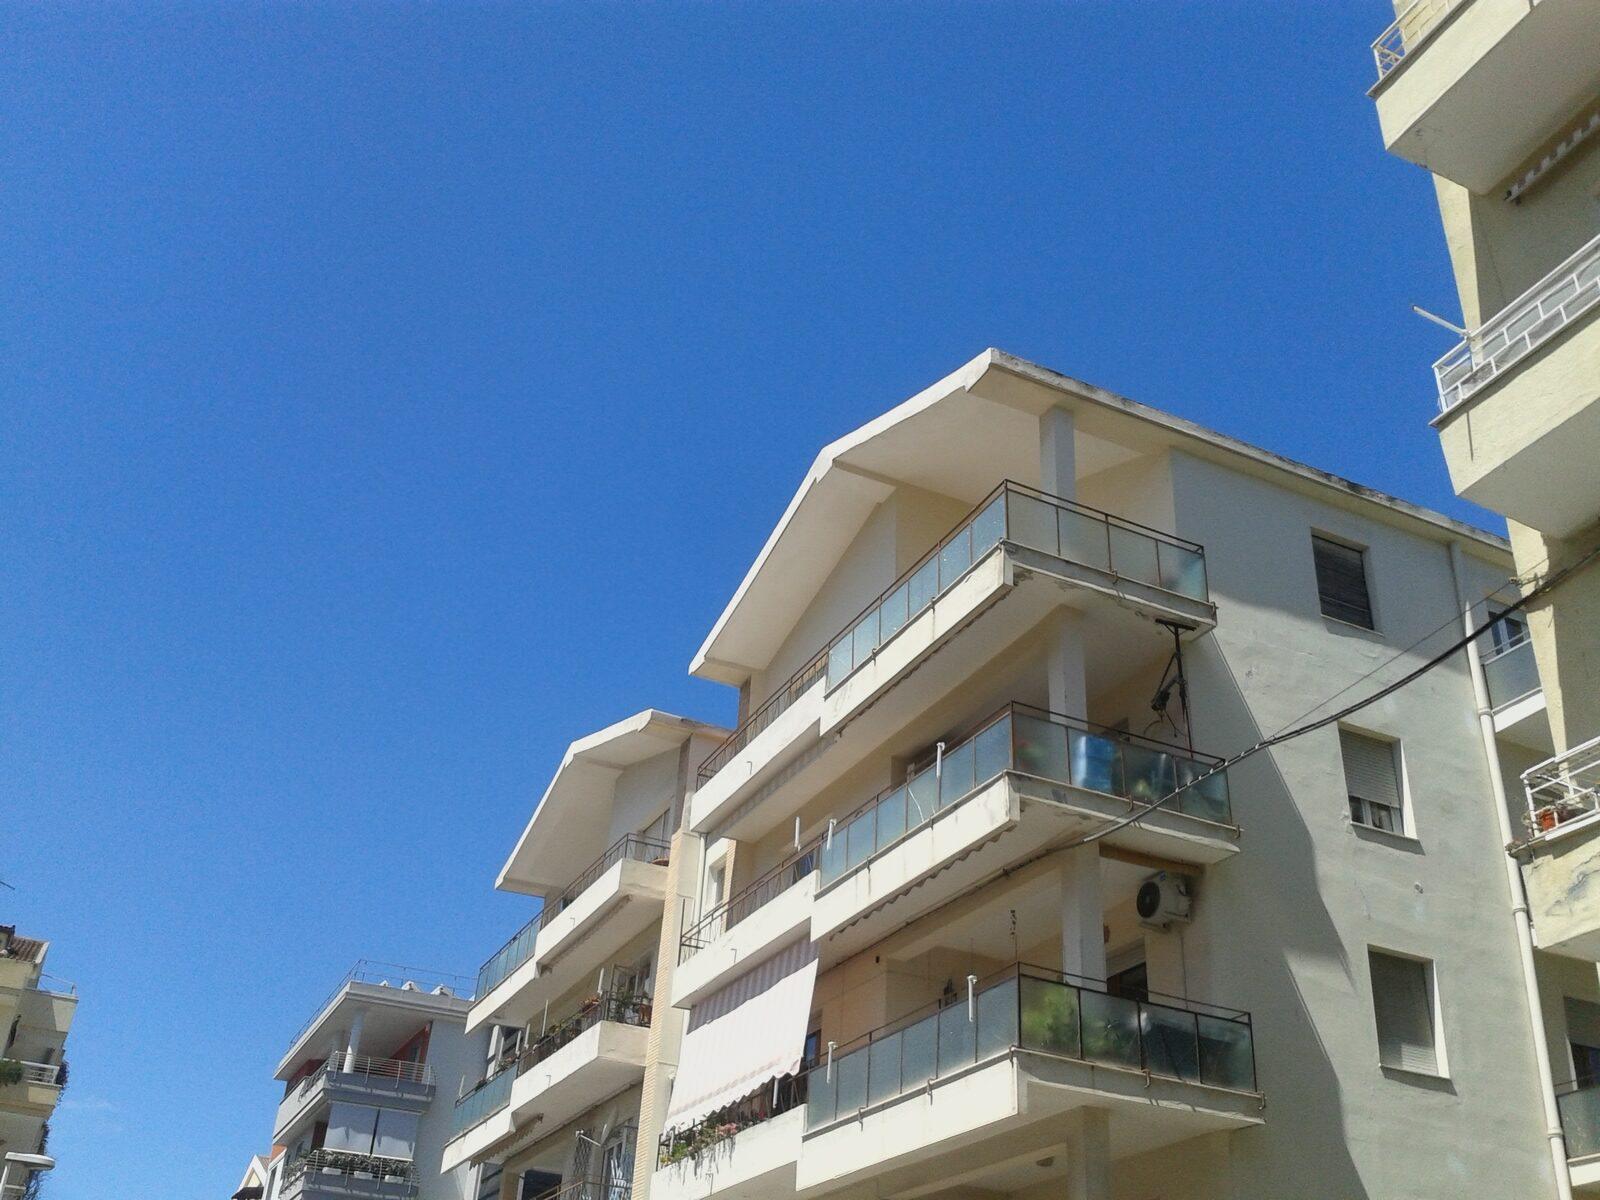 Via Torres elegantemente rinnovato ultimo piano con grande terrazza coperta.